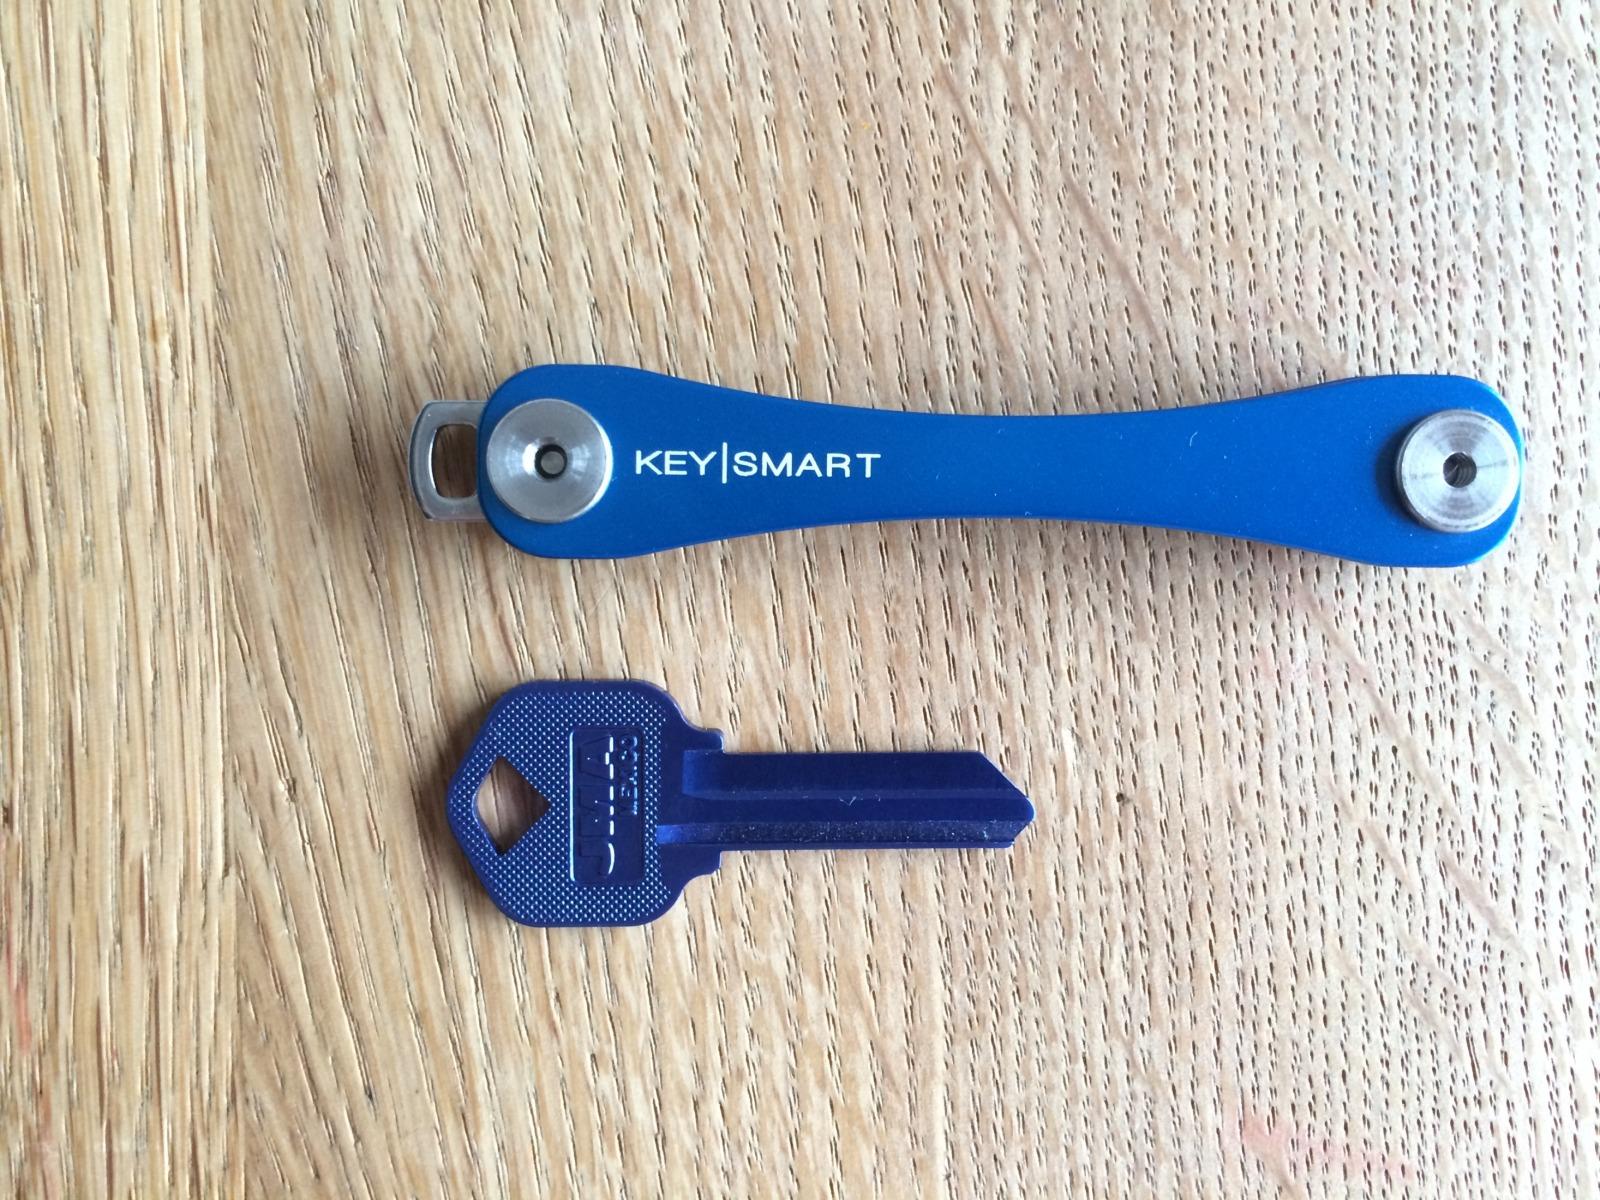 Air-Ersatzschlüssel für den Keysmart - 8